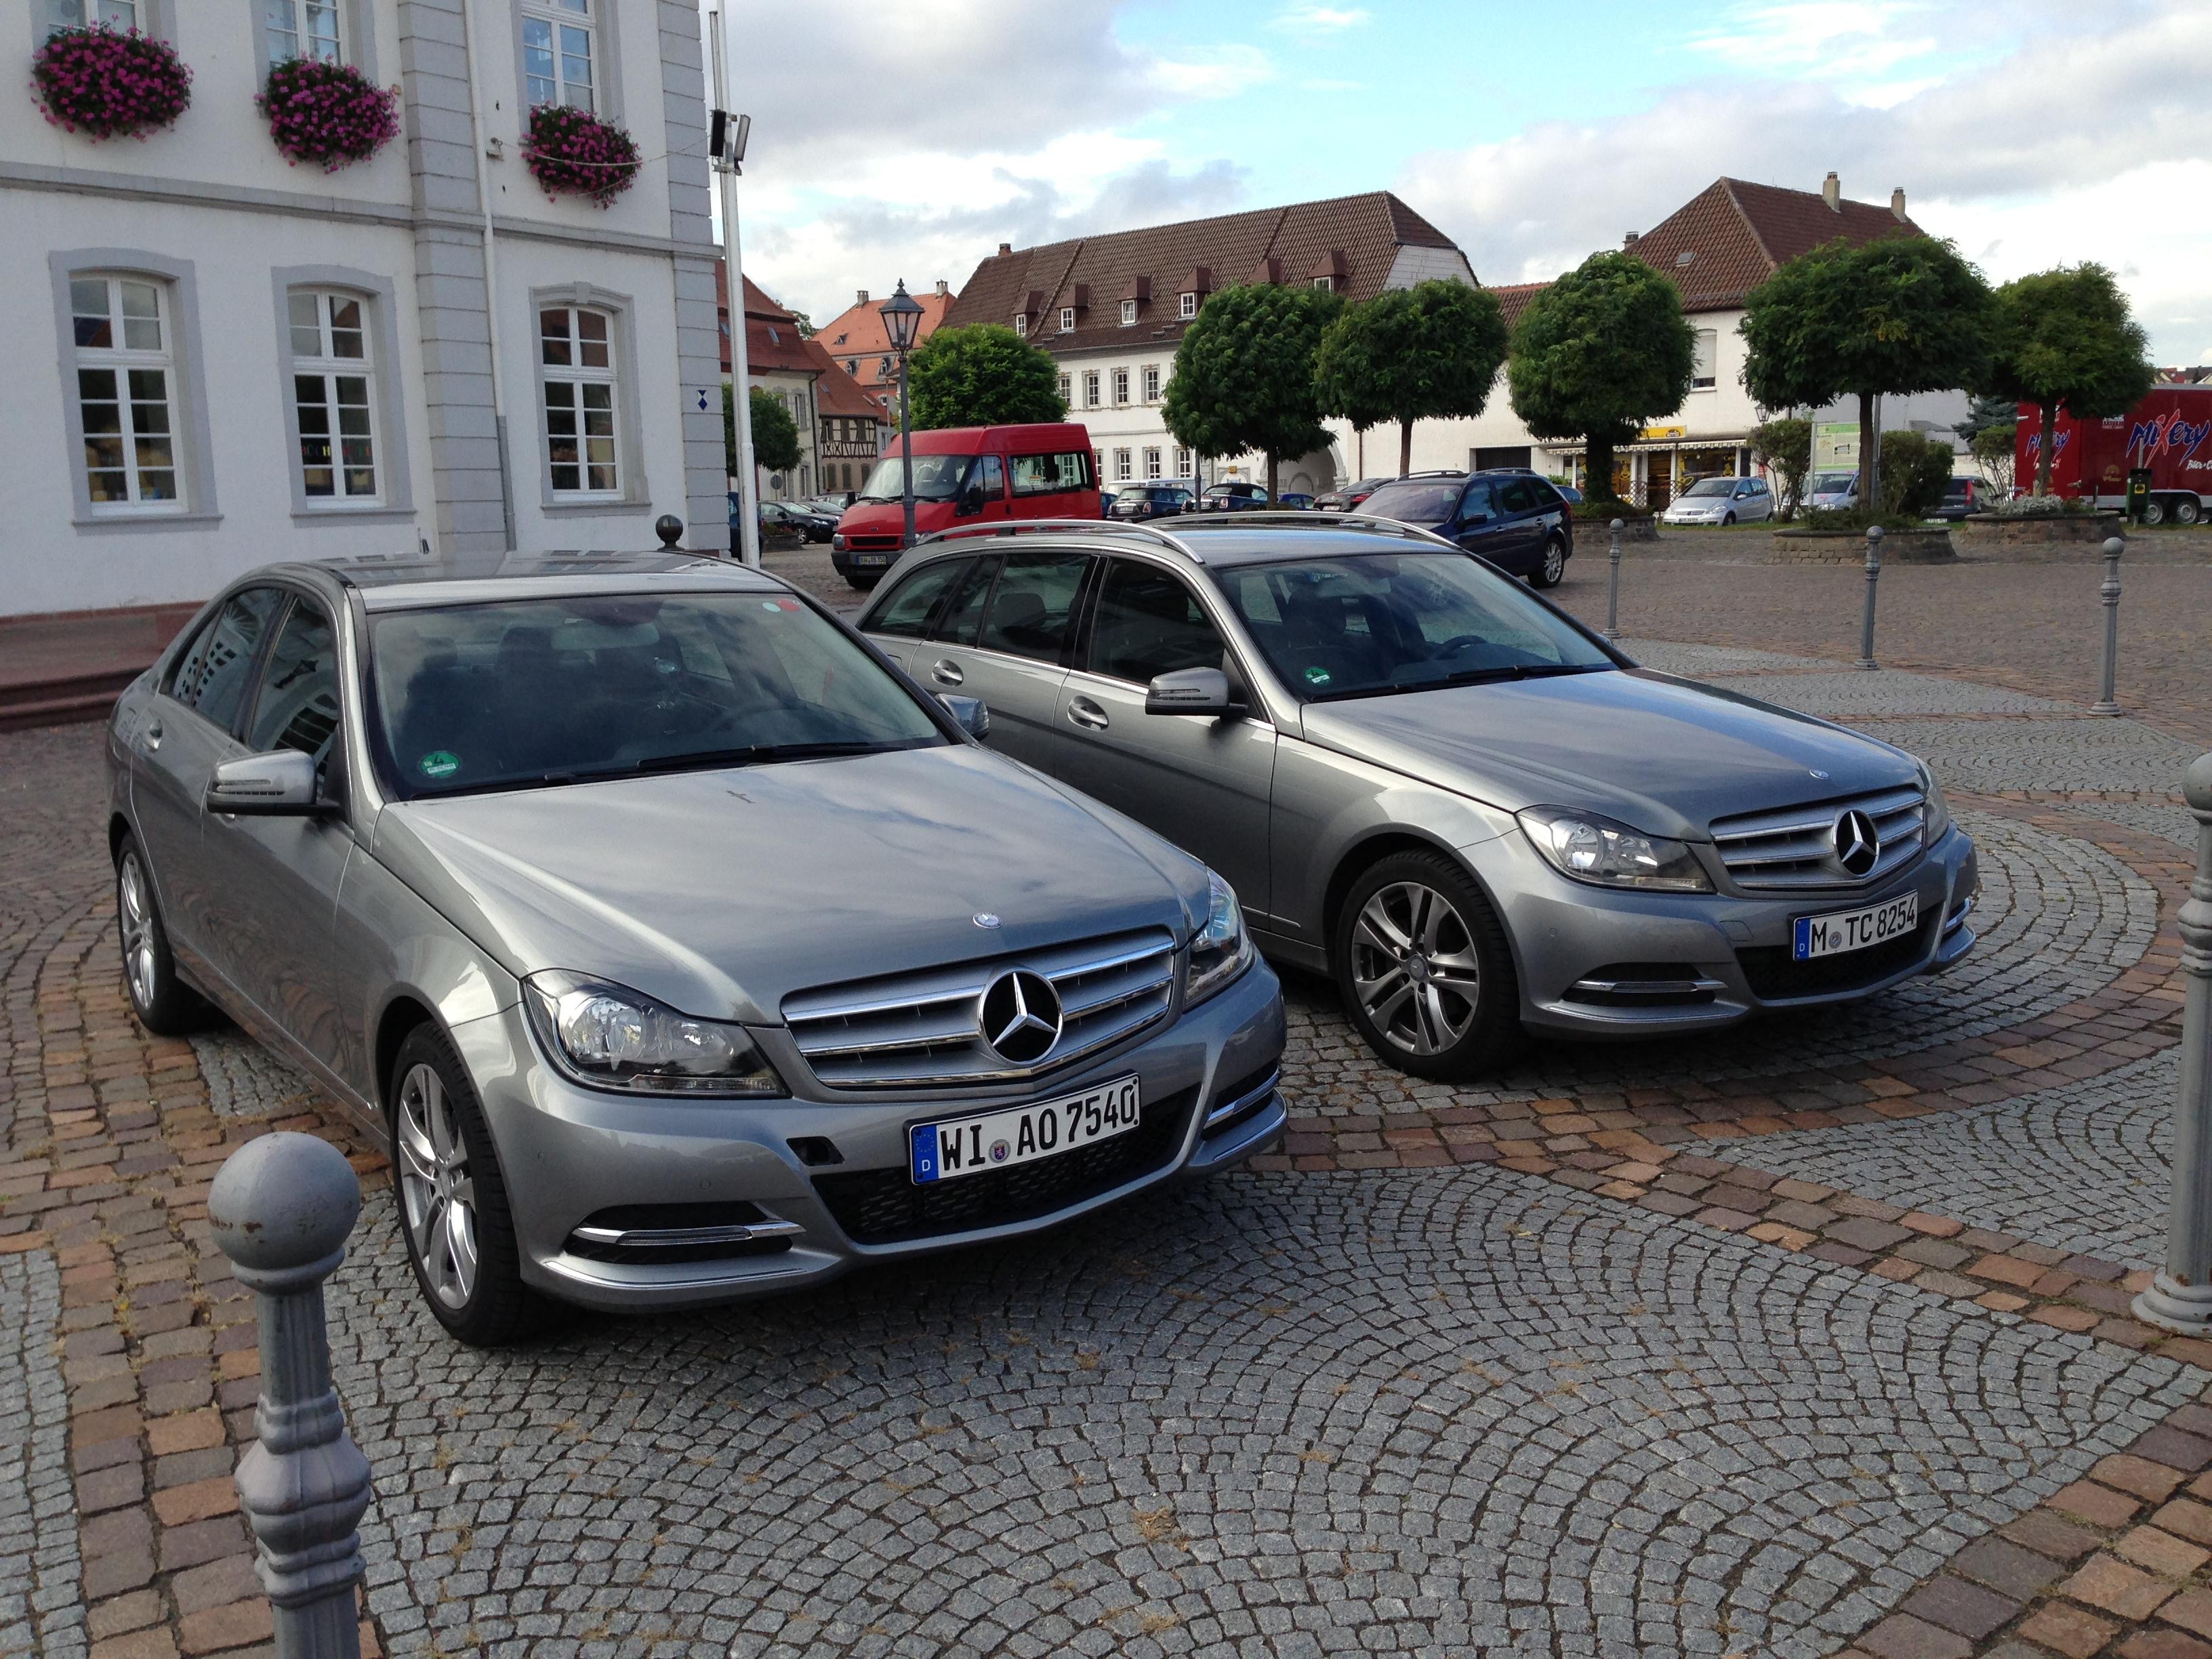 c klasse Mietwagen Talk Das Mietwagen Forum